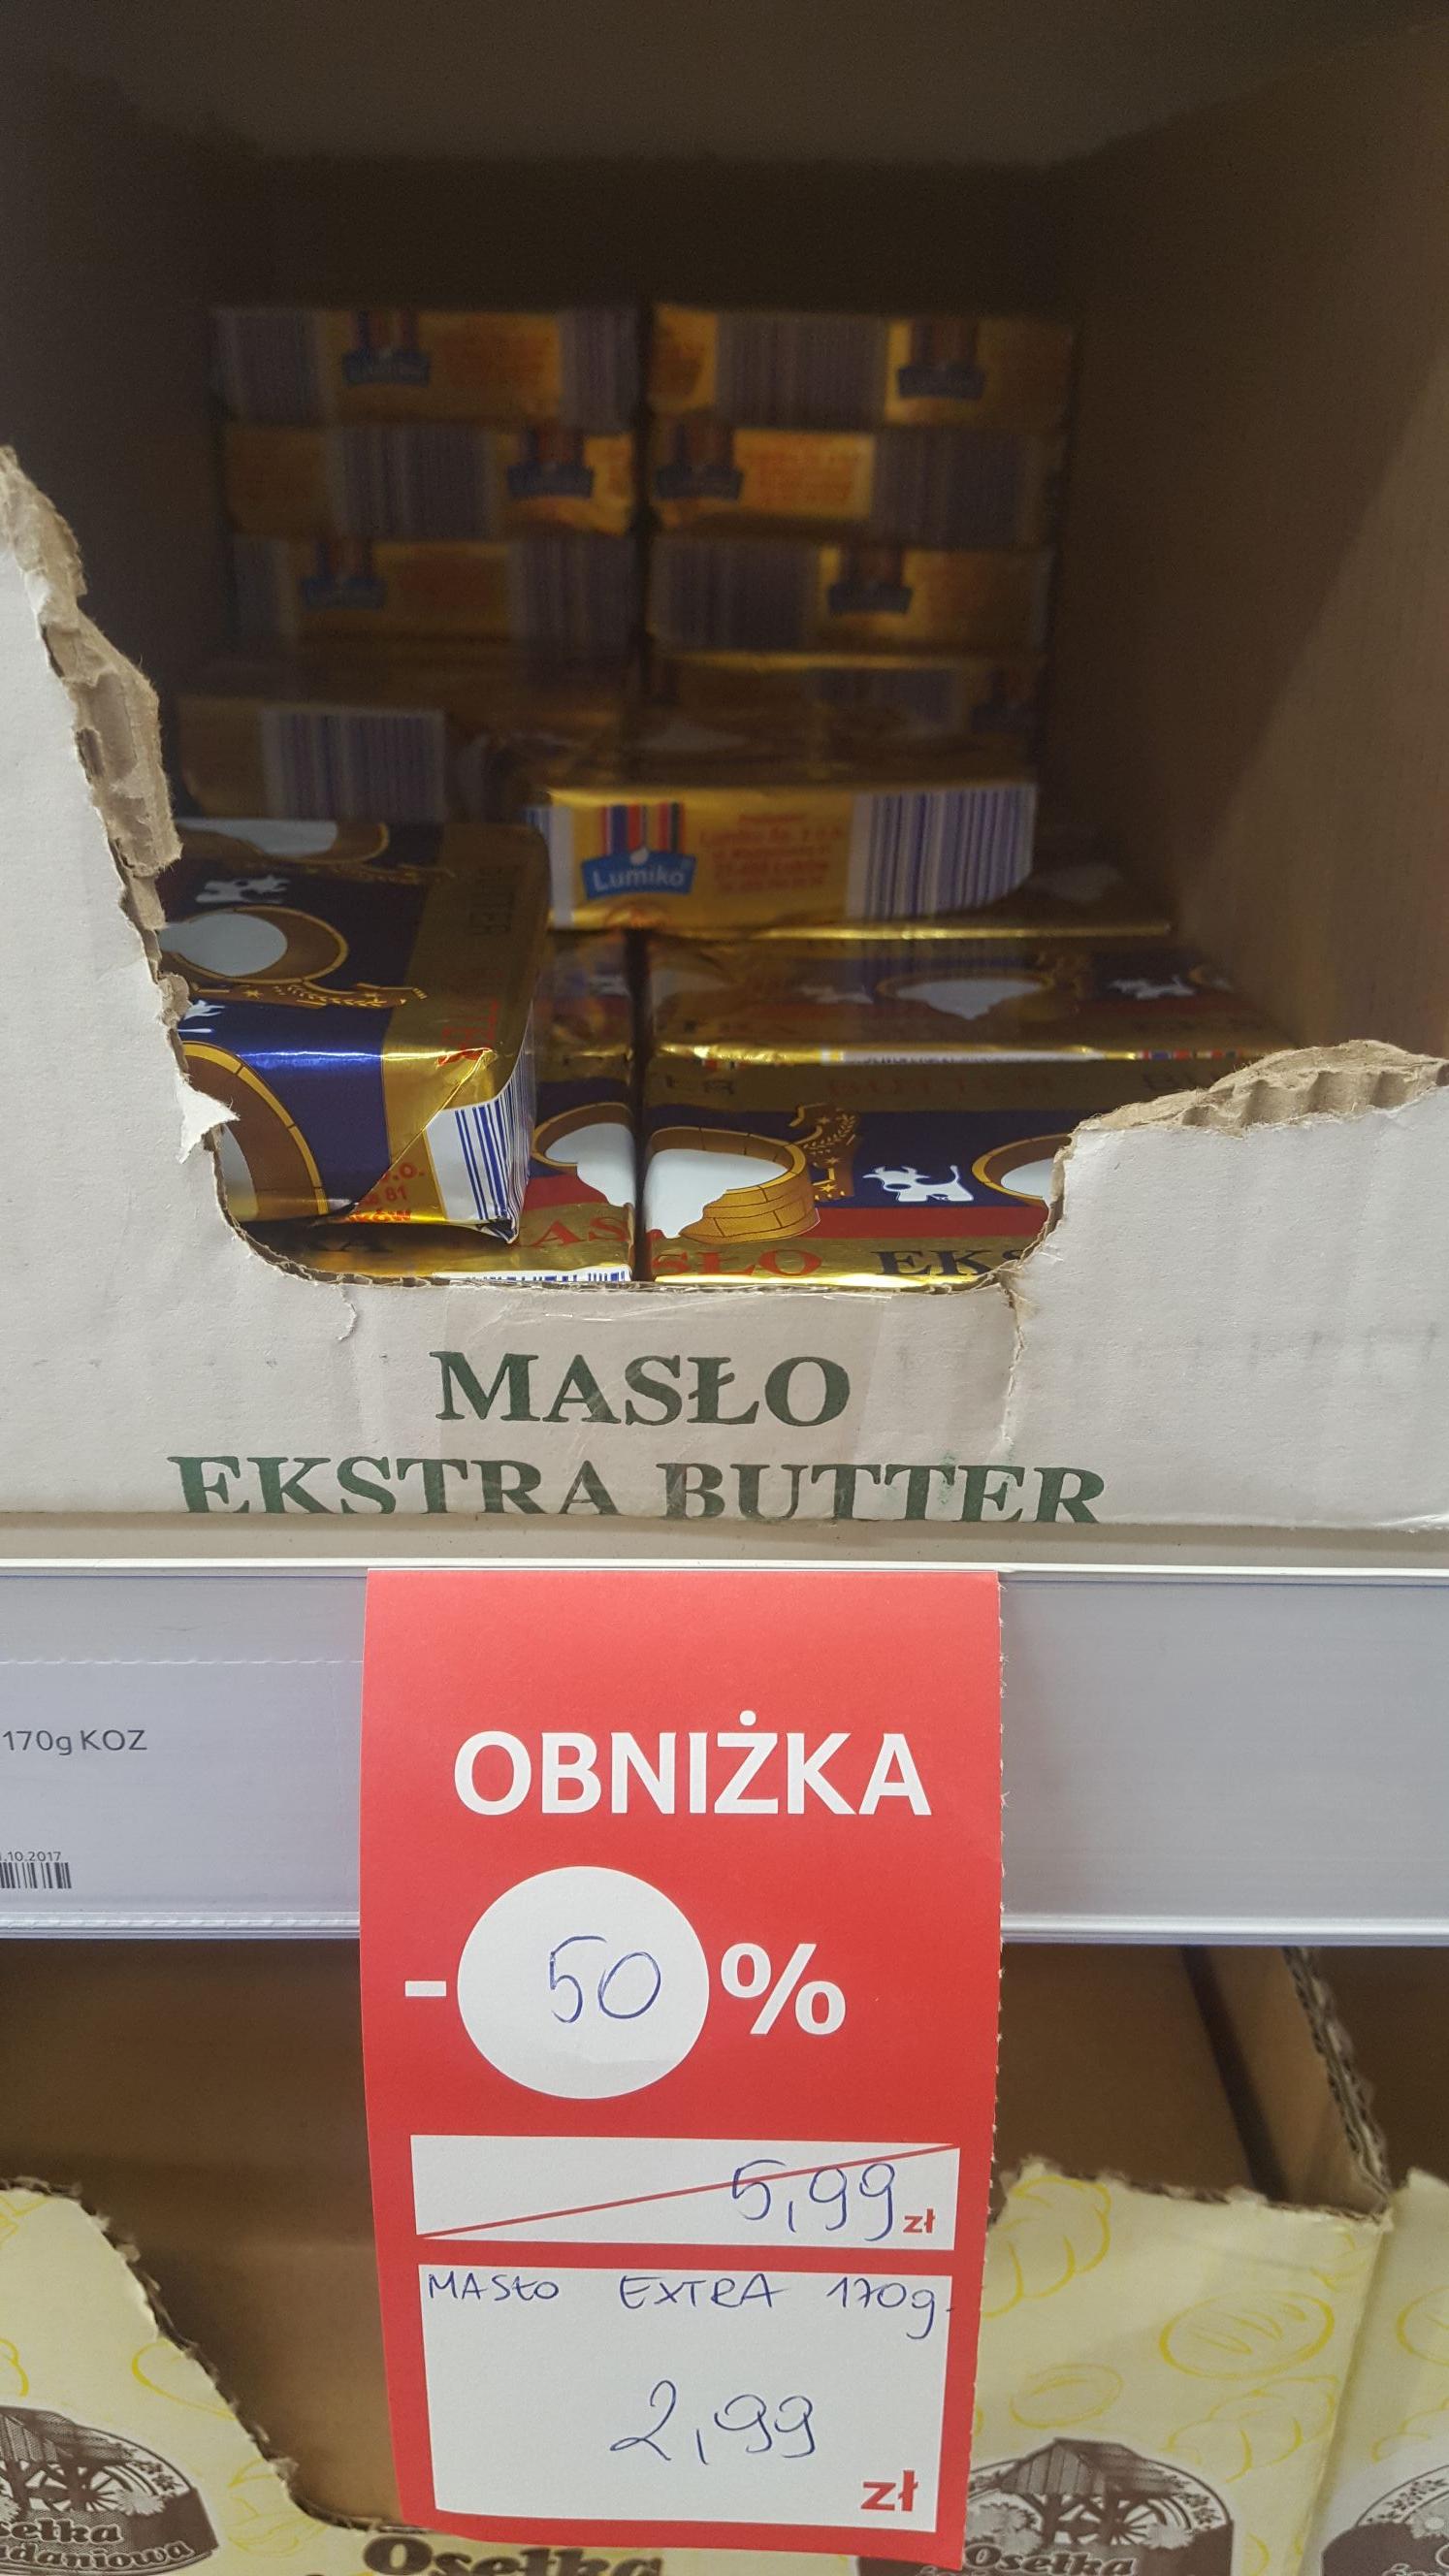 Masło na walentynki (termin ważności do 14.02)  @TESCO